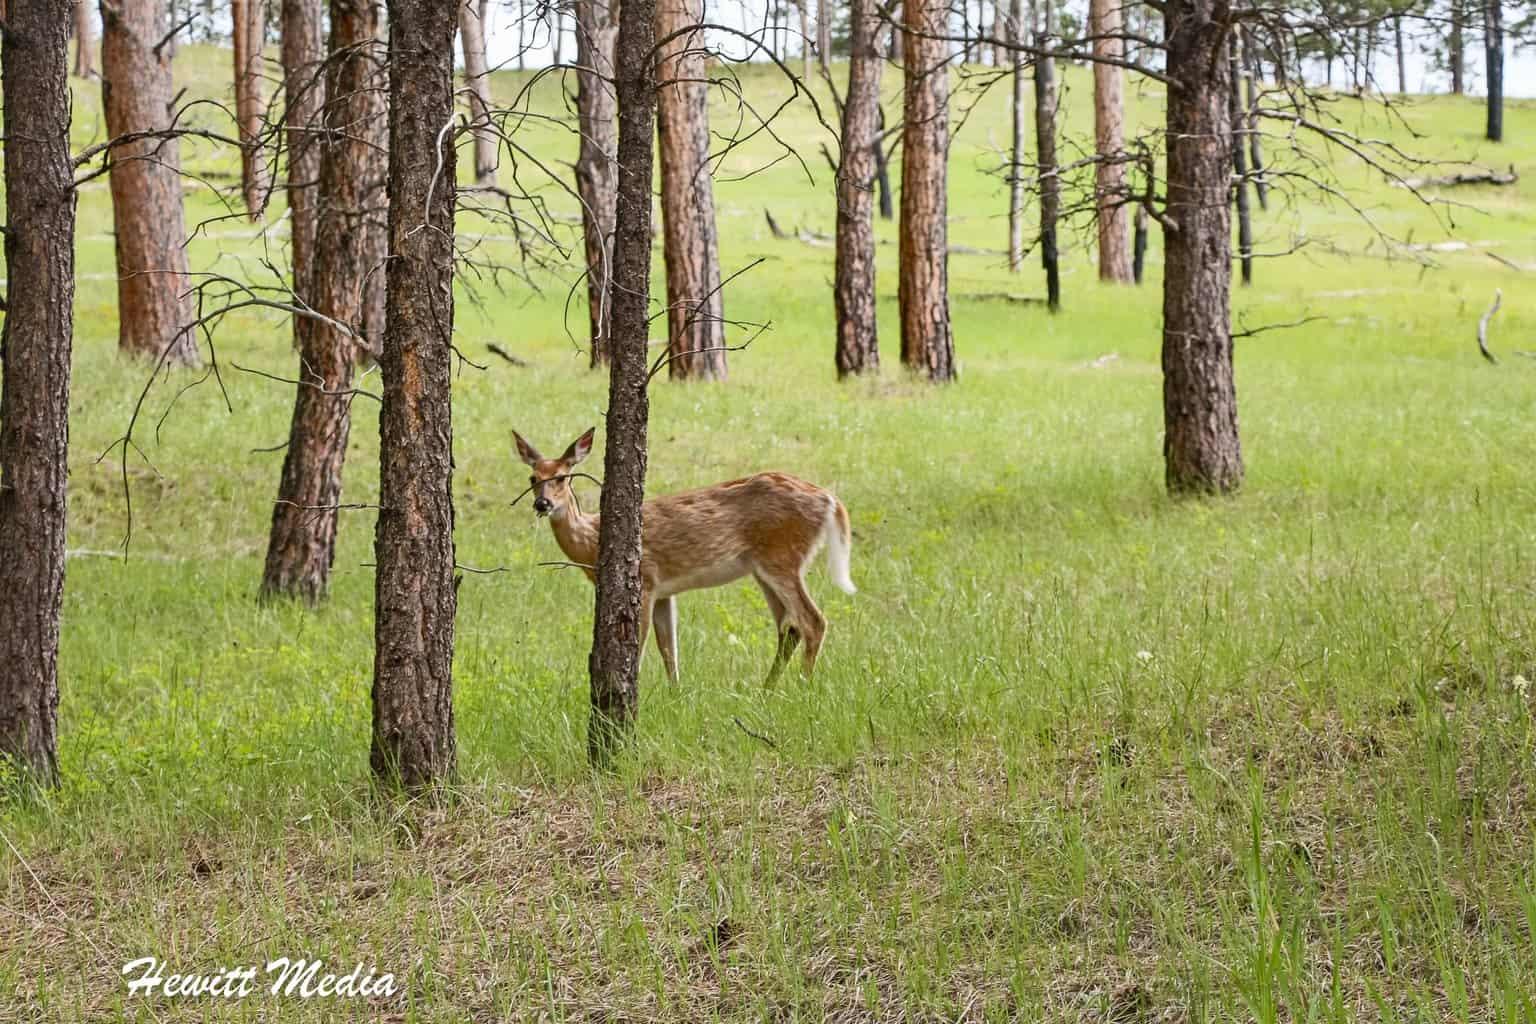 Deer near Devil's Tower National Monument